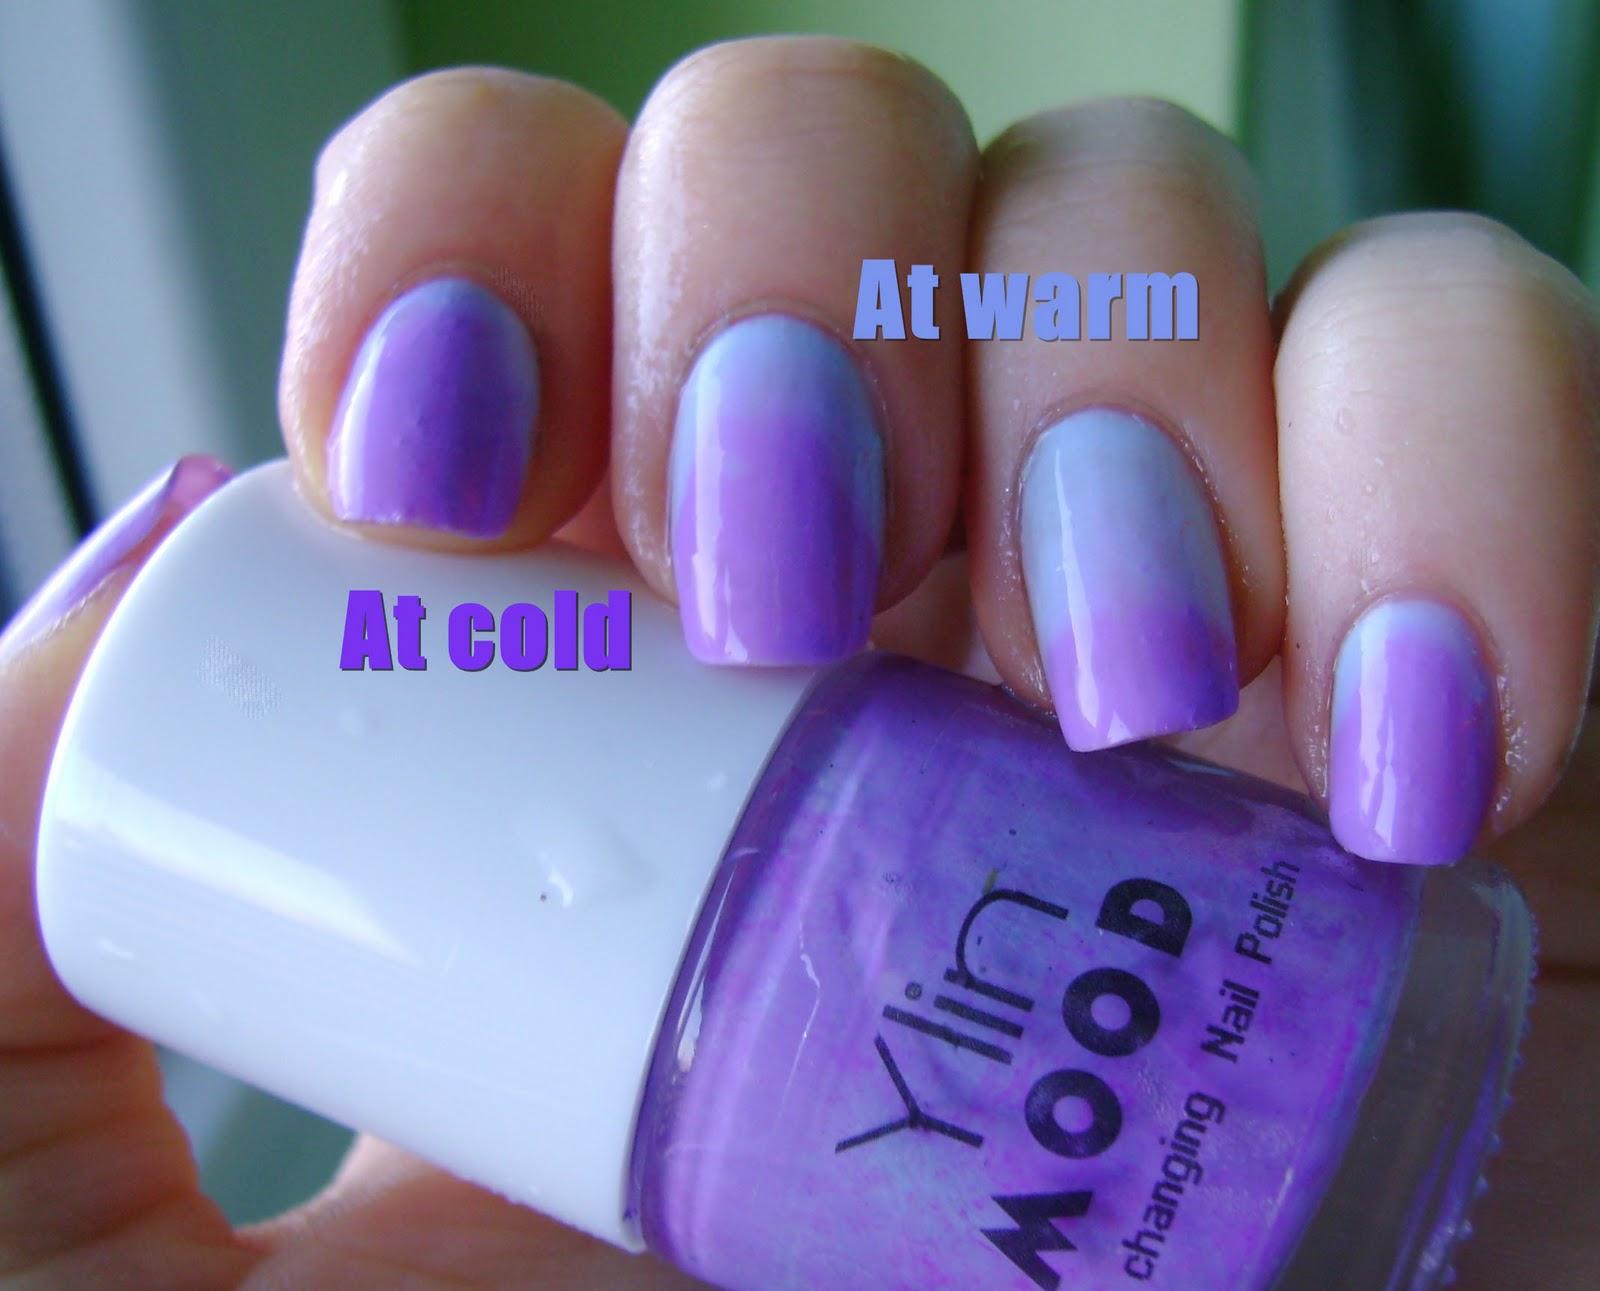 vamp acrylic nails photo - 1